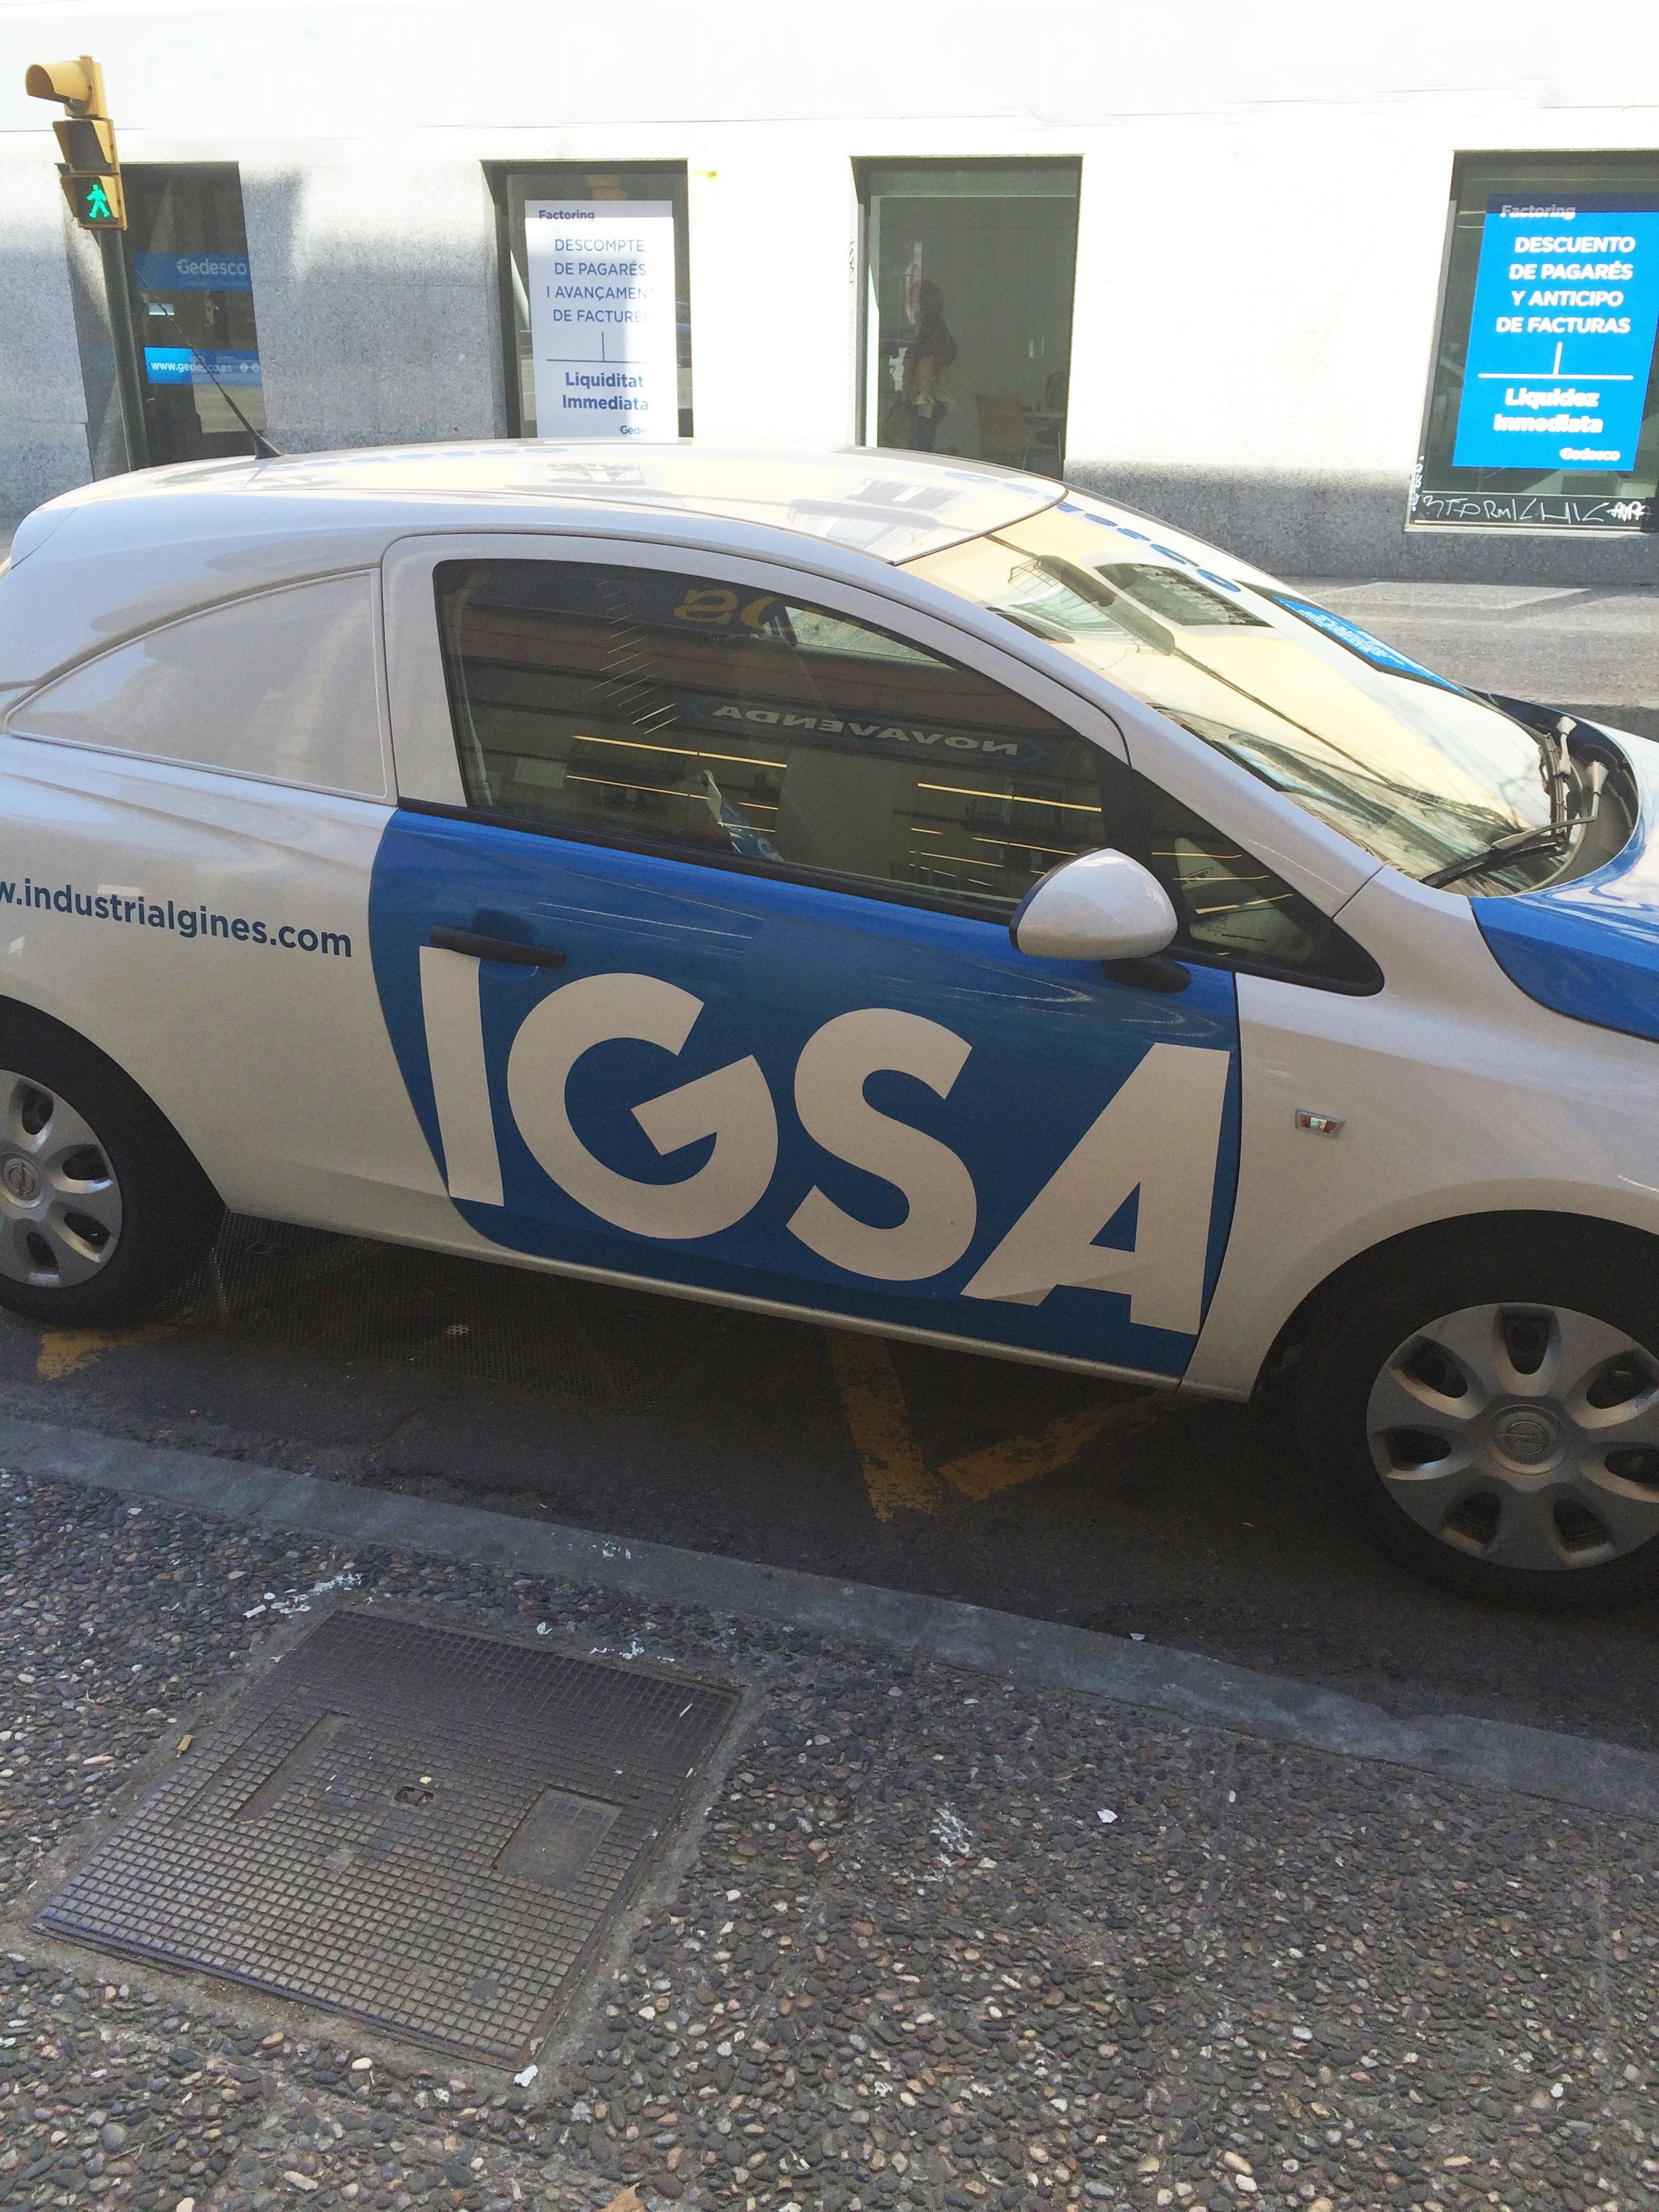 cotxe-igsa_3